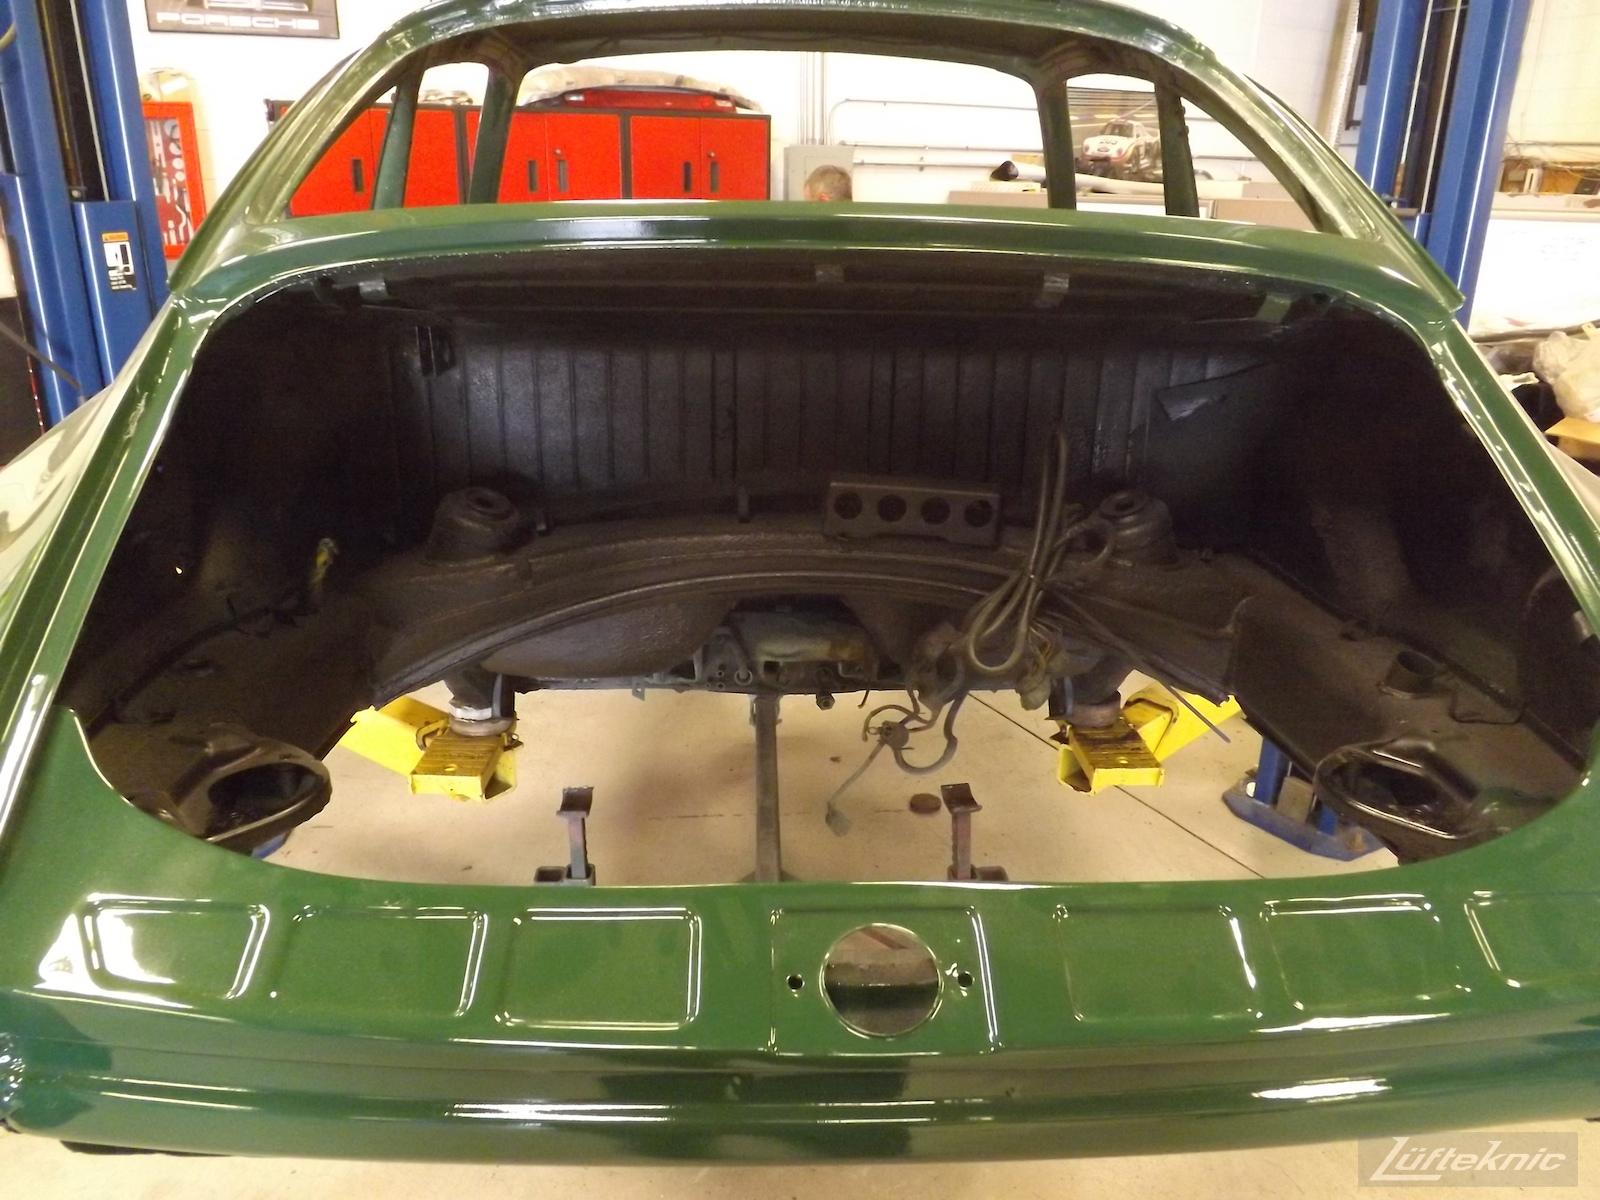 Empty engine bay of an Irish Green Porsche 912 undergoing restoration at Lufteknic.